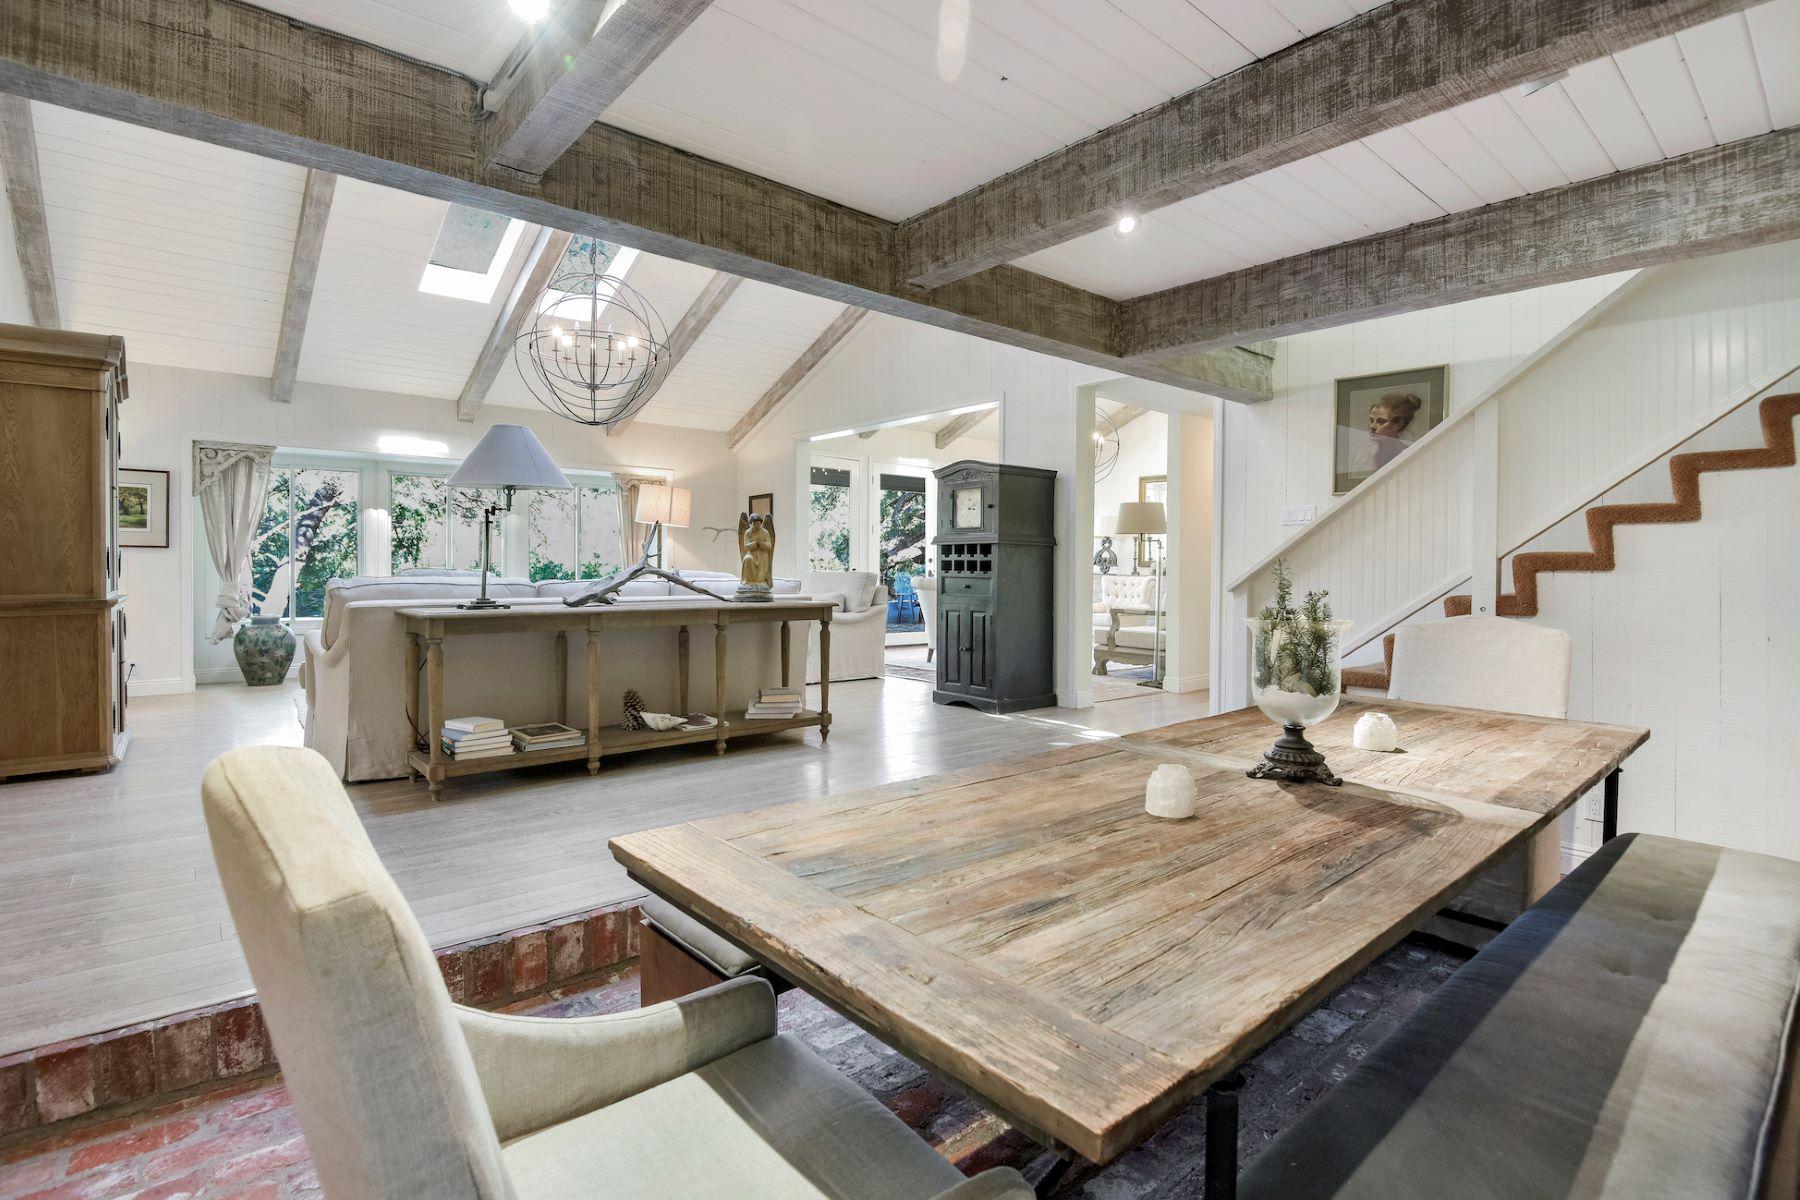 Property for Sale at Idyllic Ramirez Canyon 6133 Ramirez Canyon Malibu, California 90265 United States